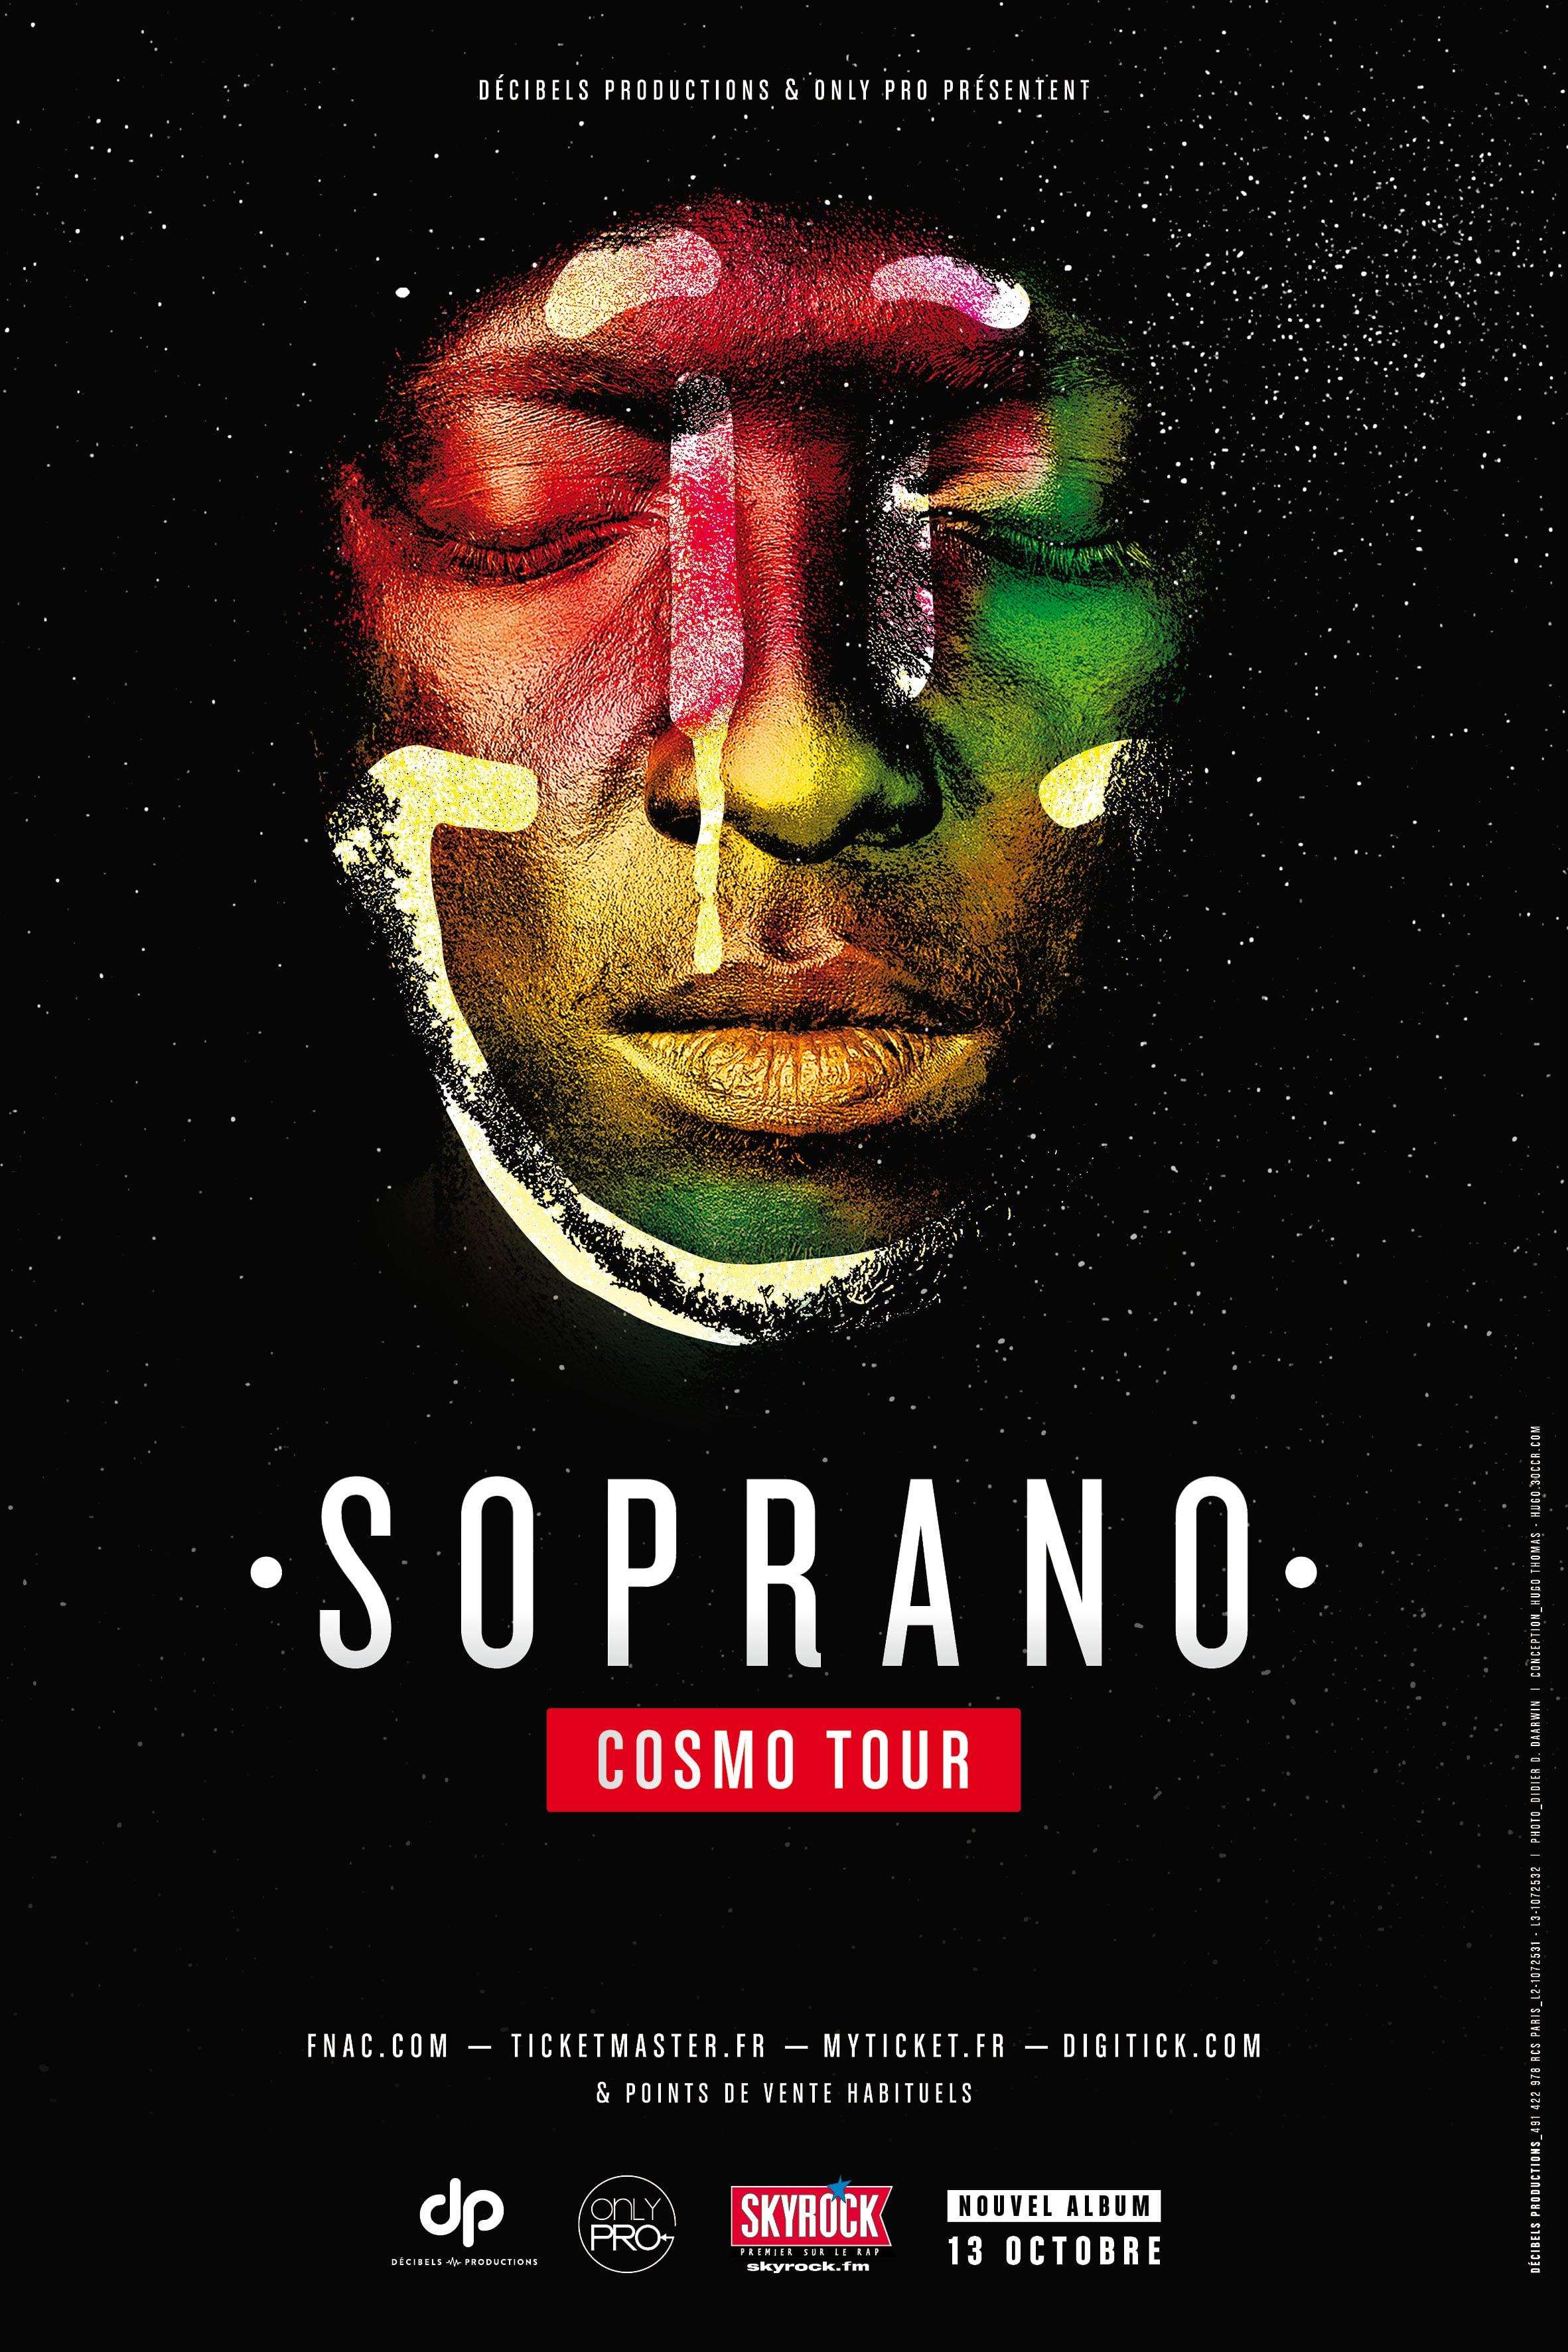 soprano_cosmopolitanie2015_40x60_divers.jpg